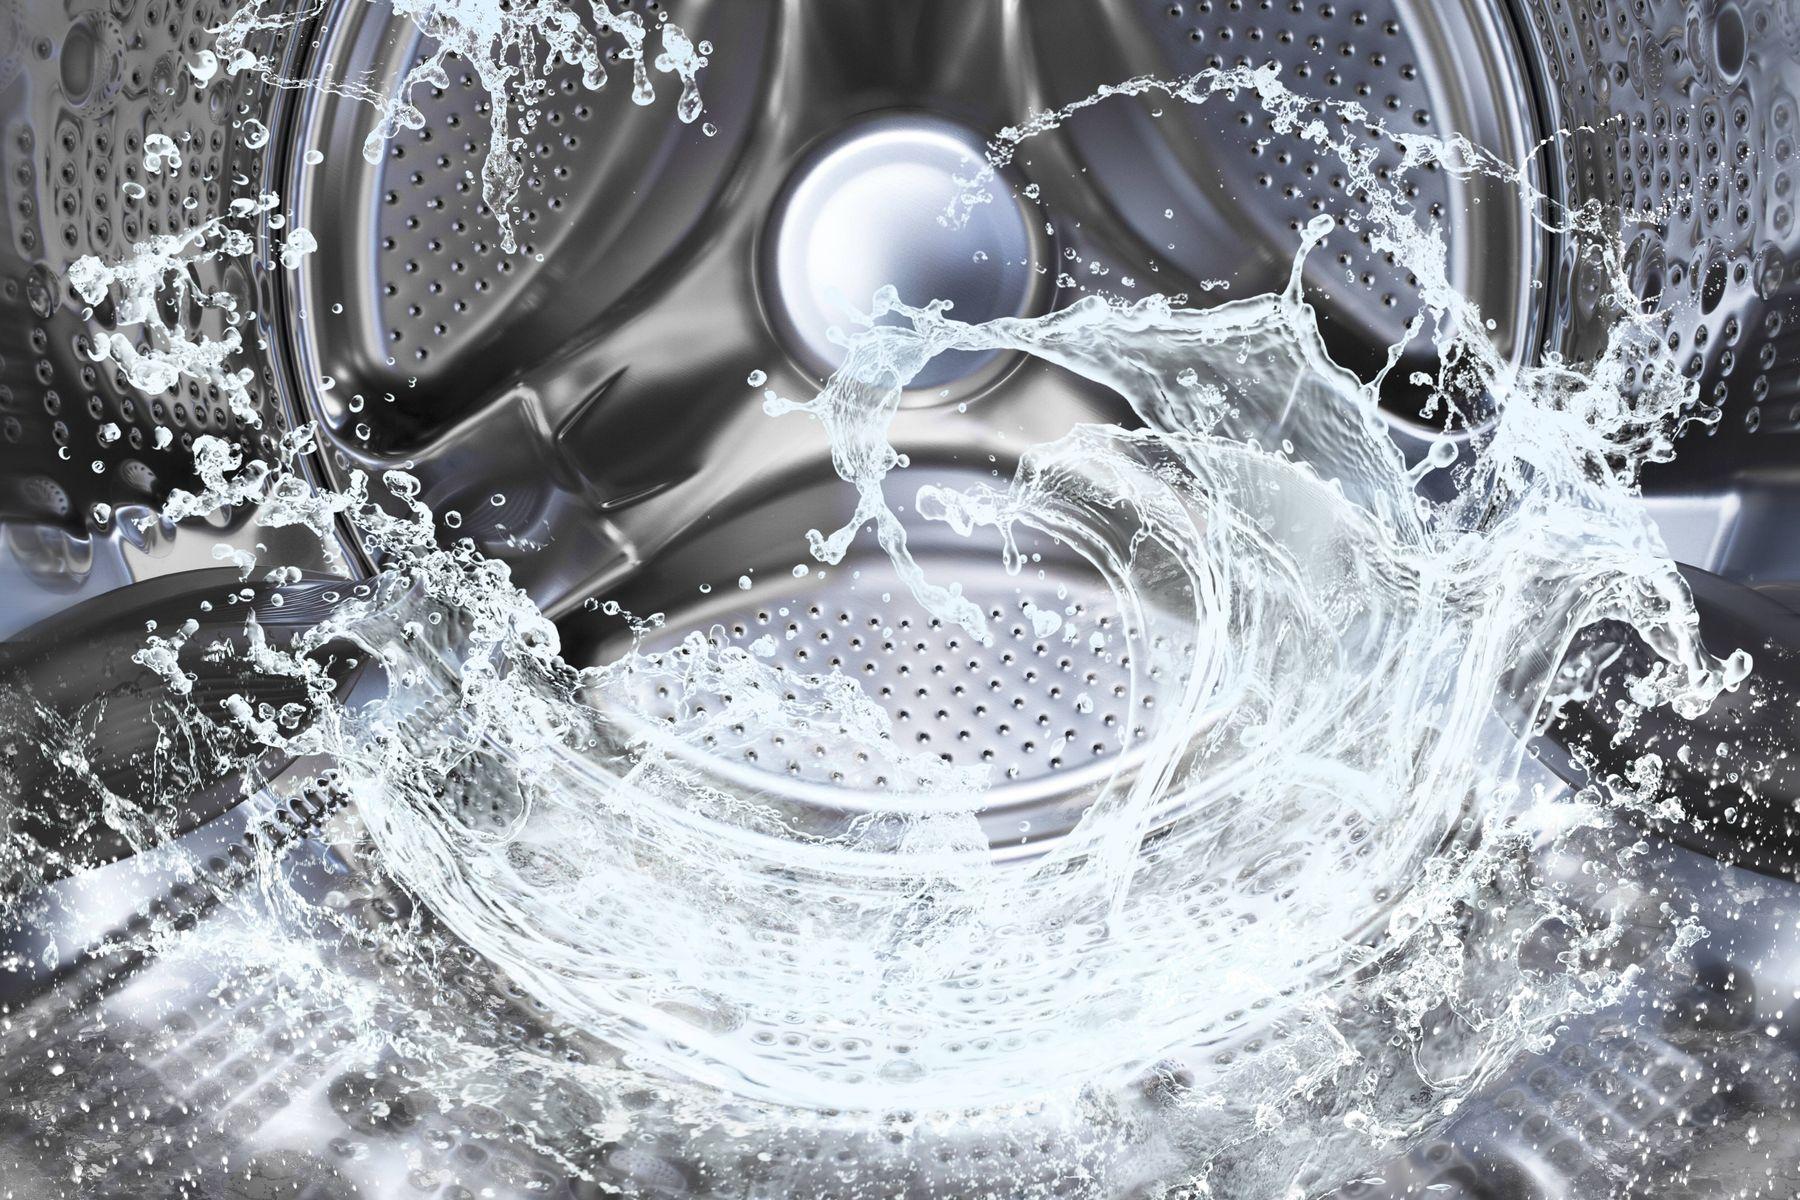 Çamaşır makinenizi yüksek ısıda boşta, biraz sirke ekleyerek çalıştırırsanız hem temizliğini sağlar, hem de kötü kokmasını önlemiş olursunuz.